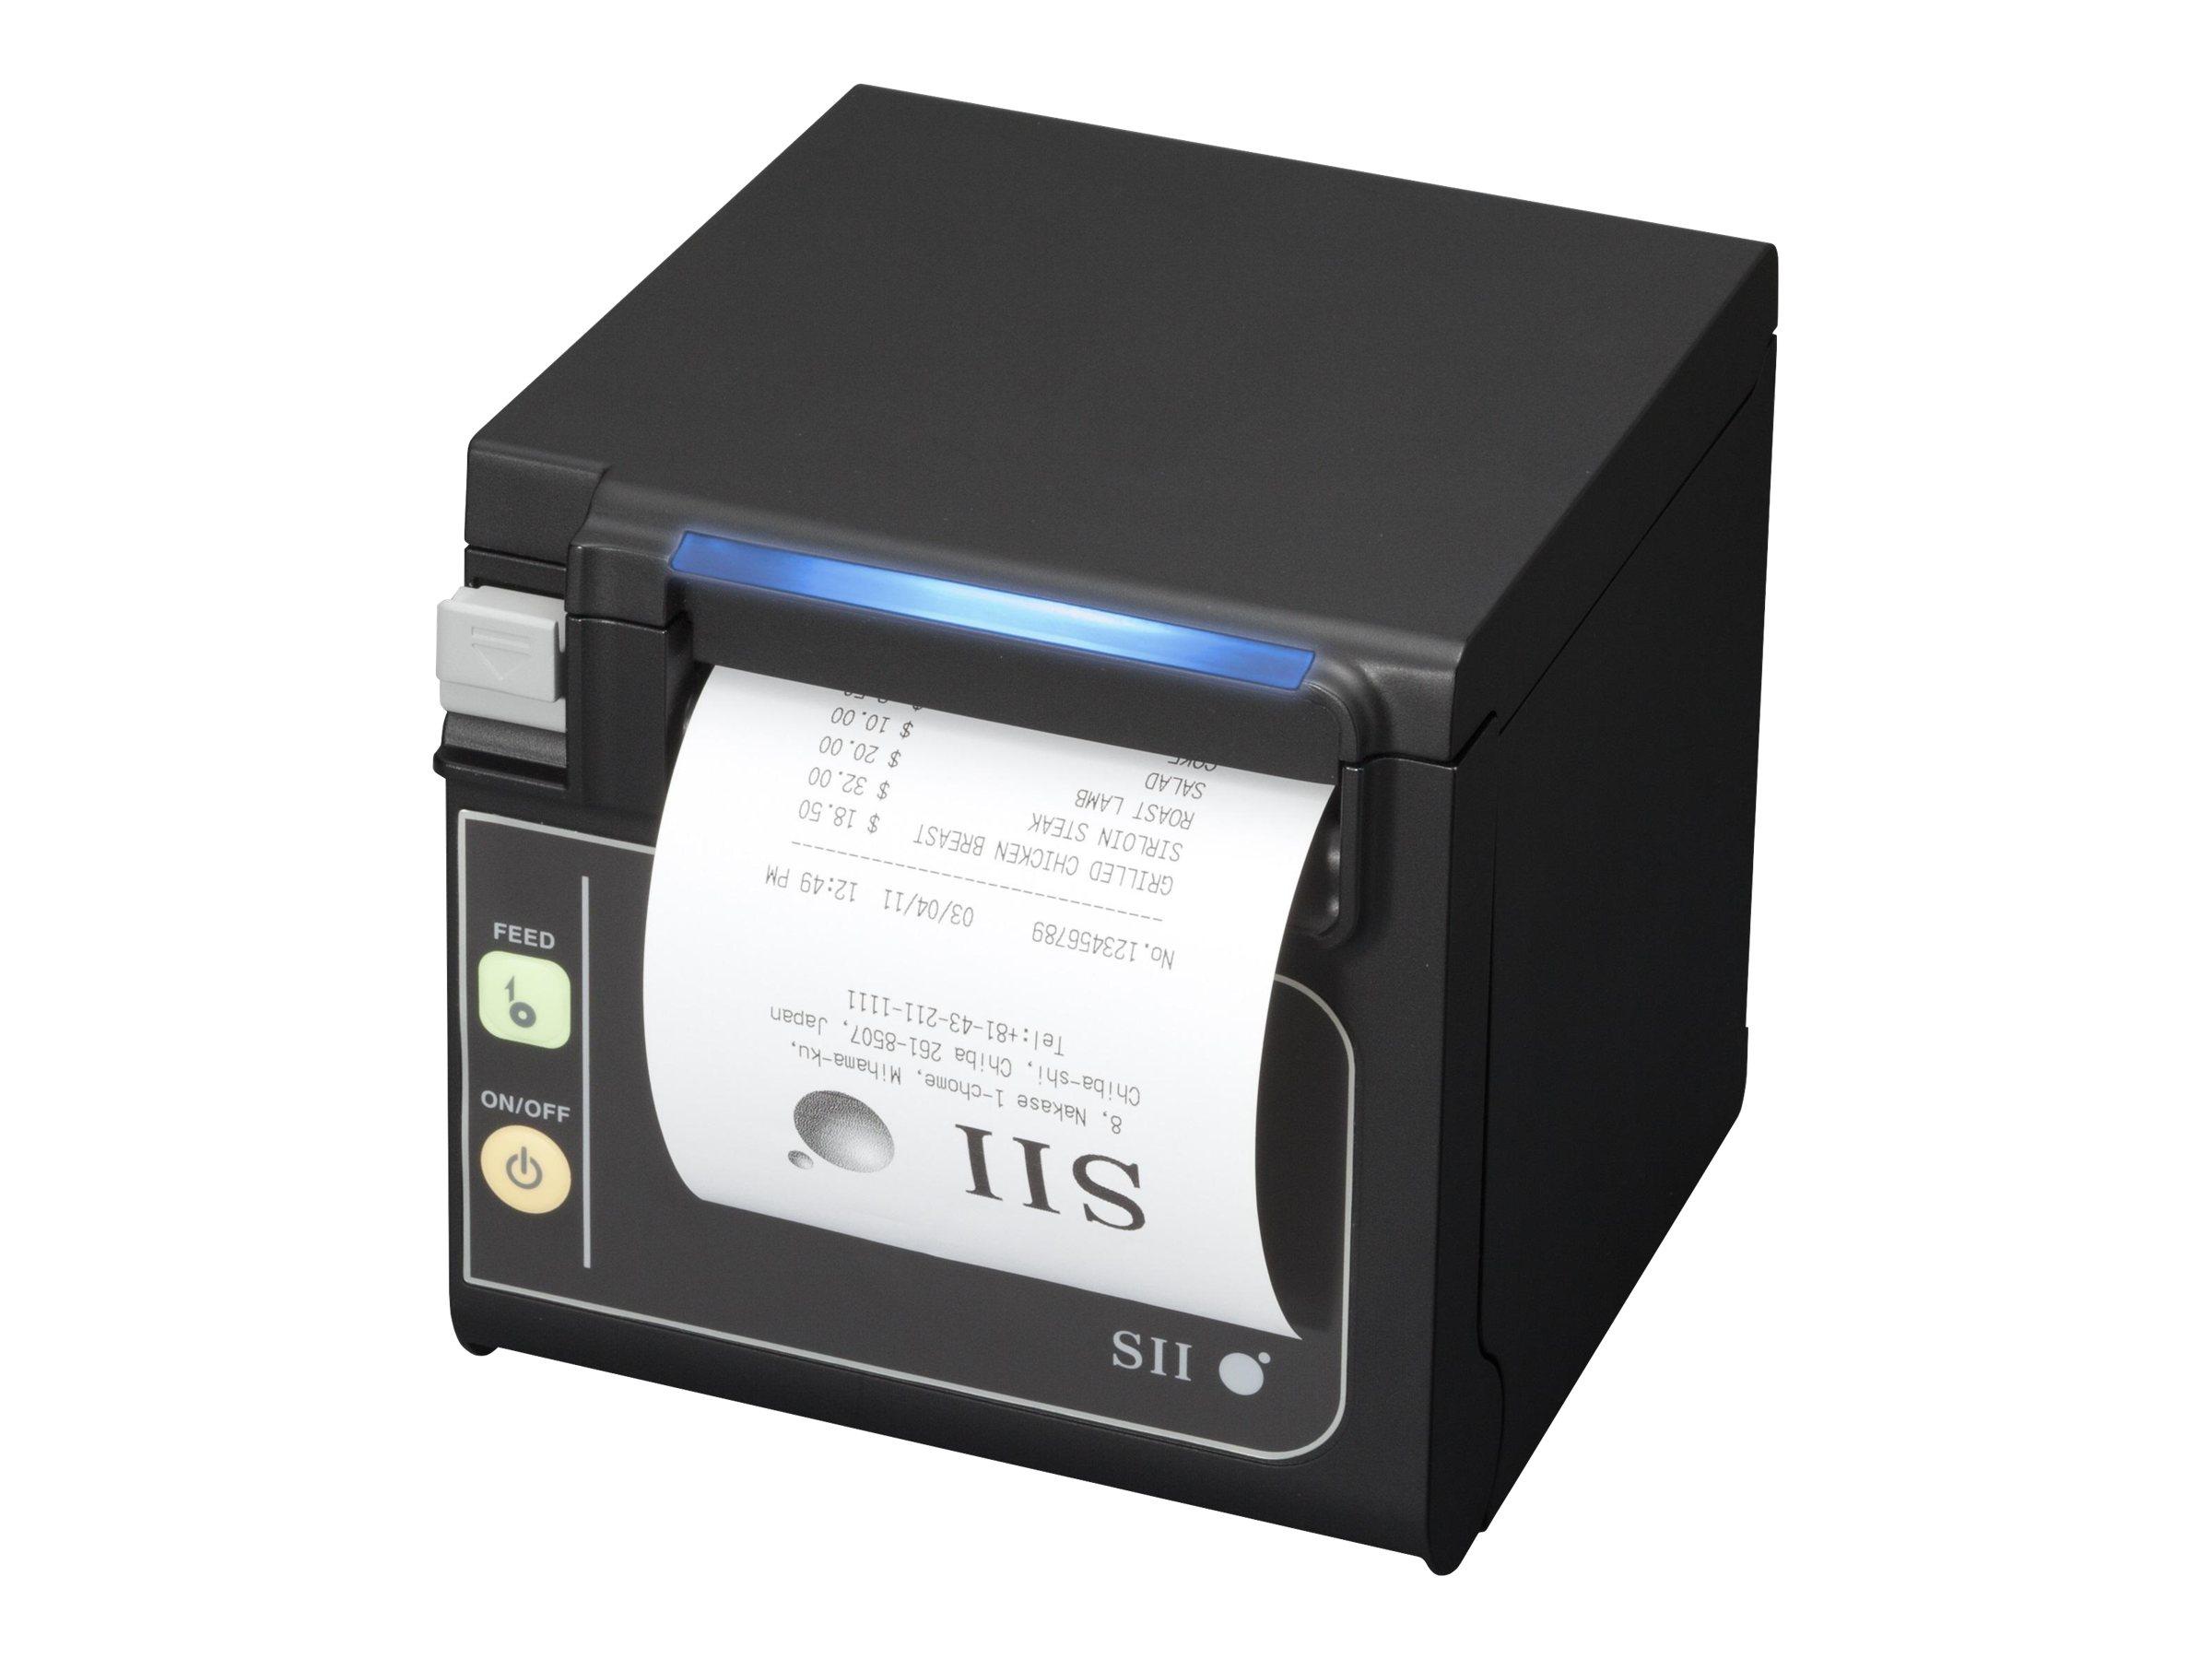 Seiko Instruments RP-E11 - Belegdrucker - Thermozeile